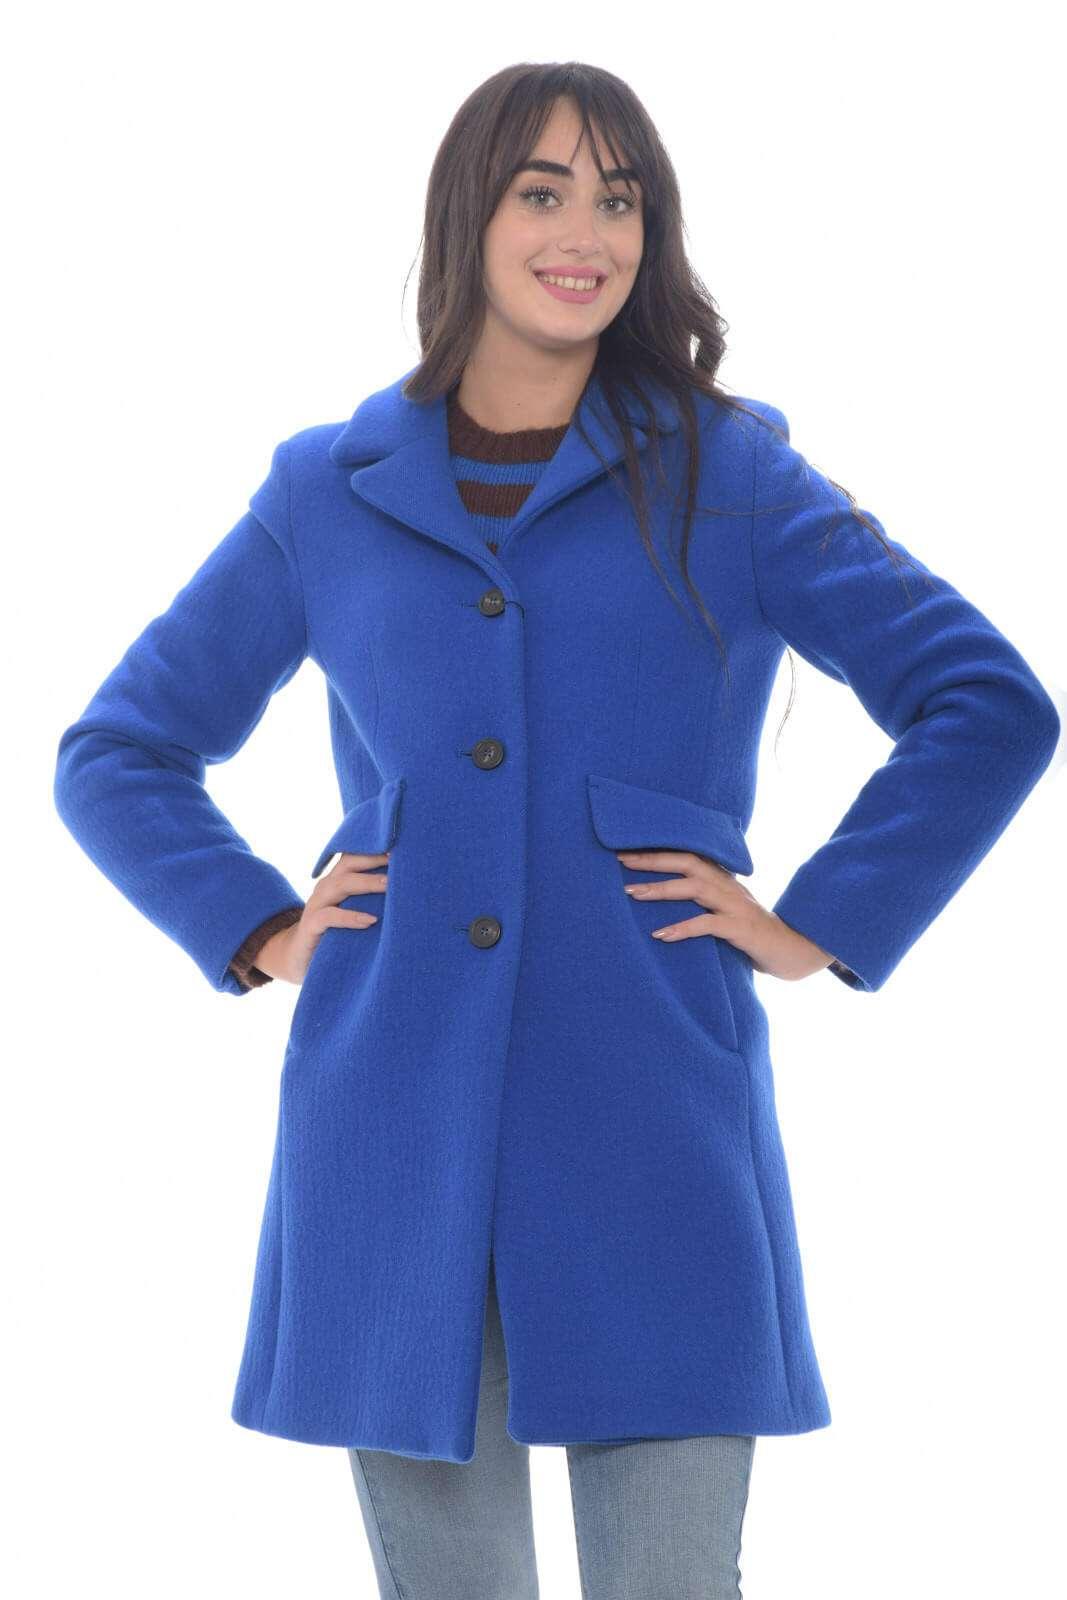 Ideale per ogni stile, il cappotto donna proposto dalla collezione Weekend Max Mara si presenta come passe partout per la fredda stagione. Il collo rever e la vestibilità slim si presentano su una colorazione tinta unita perfetta da indossare sia con jeans che con abiti. Un essential della nuova stagione.